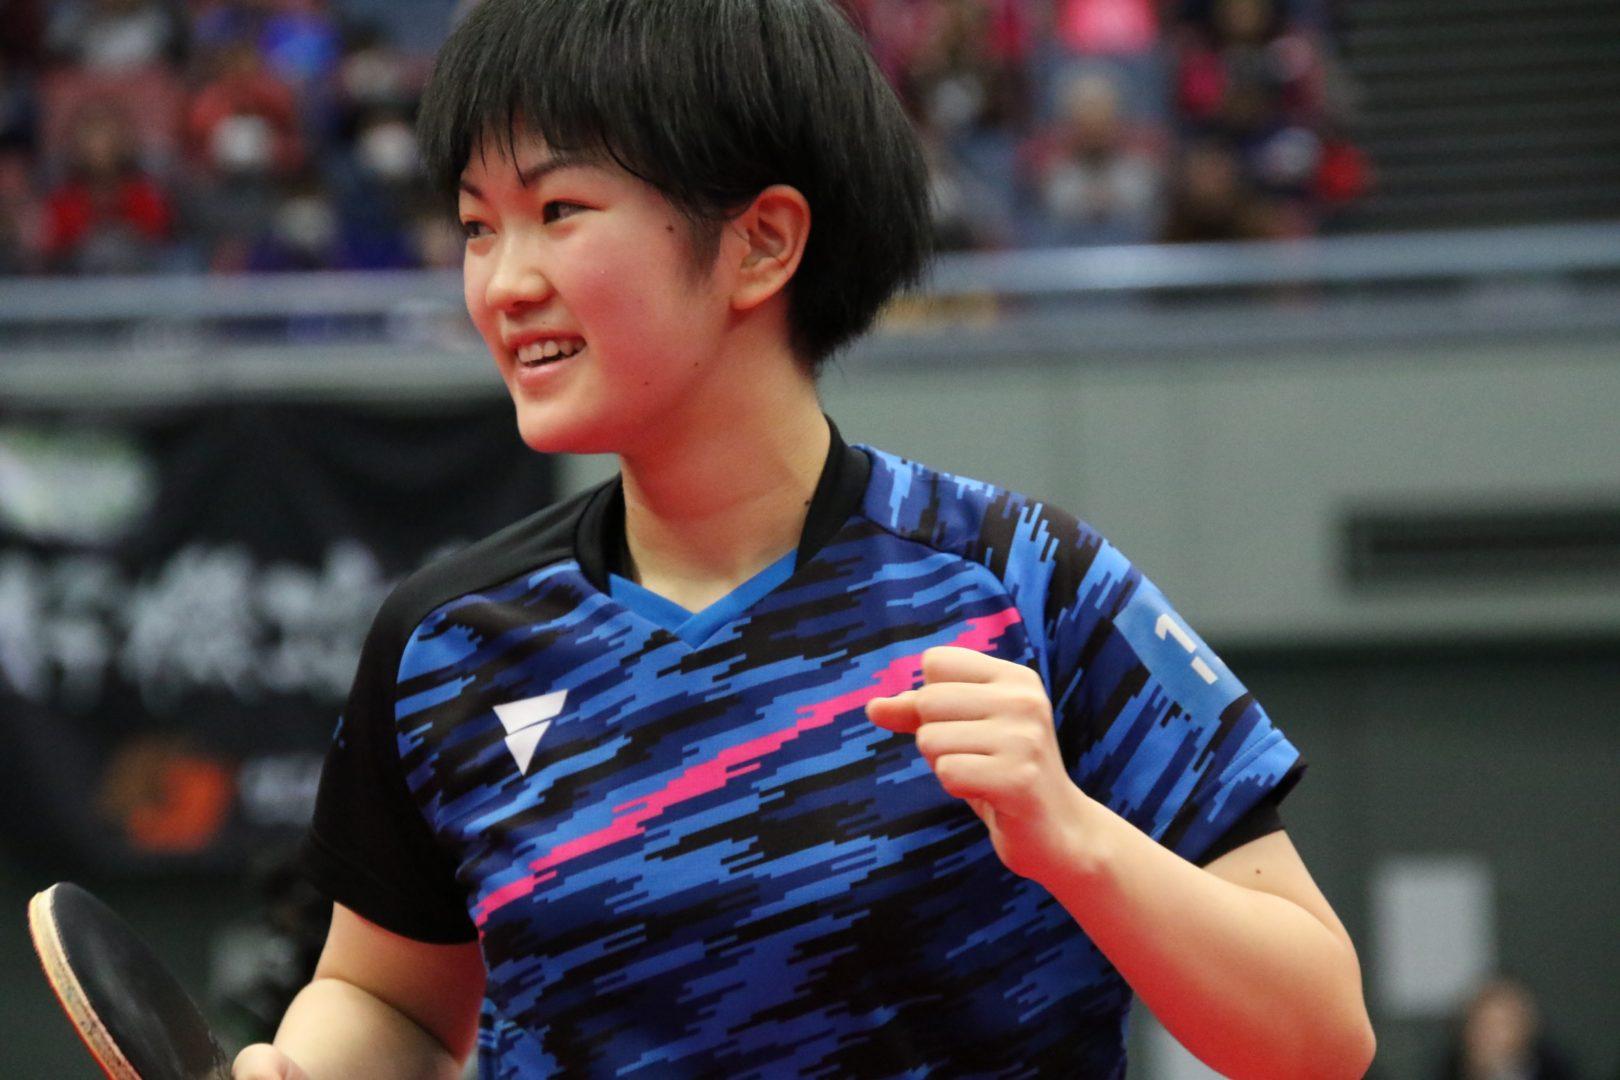 【卓球】14歳木原美悠 佐藤瞳のカットを攻略し逆転勝利 <全日本卓球2019・女子単>